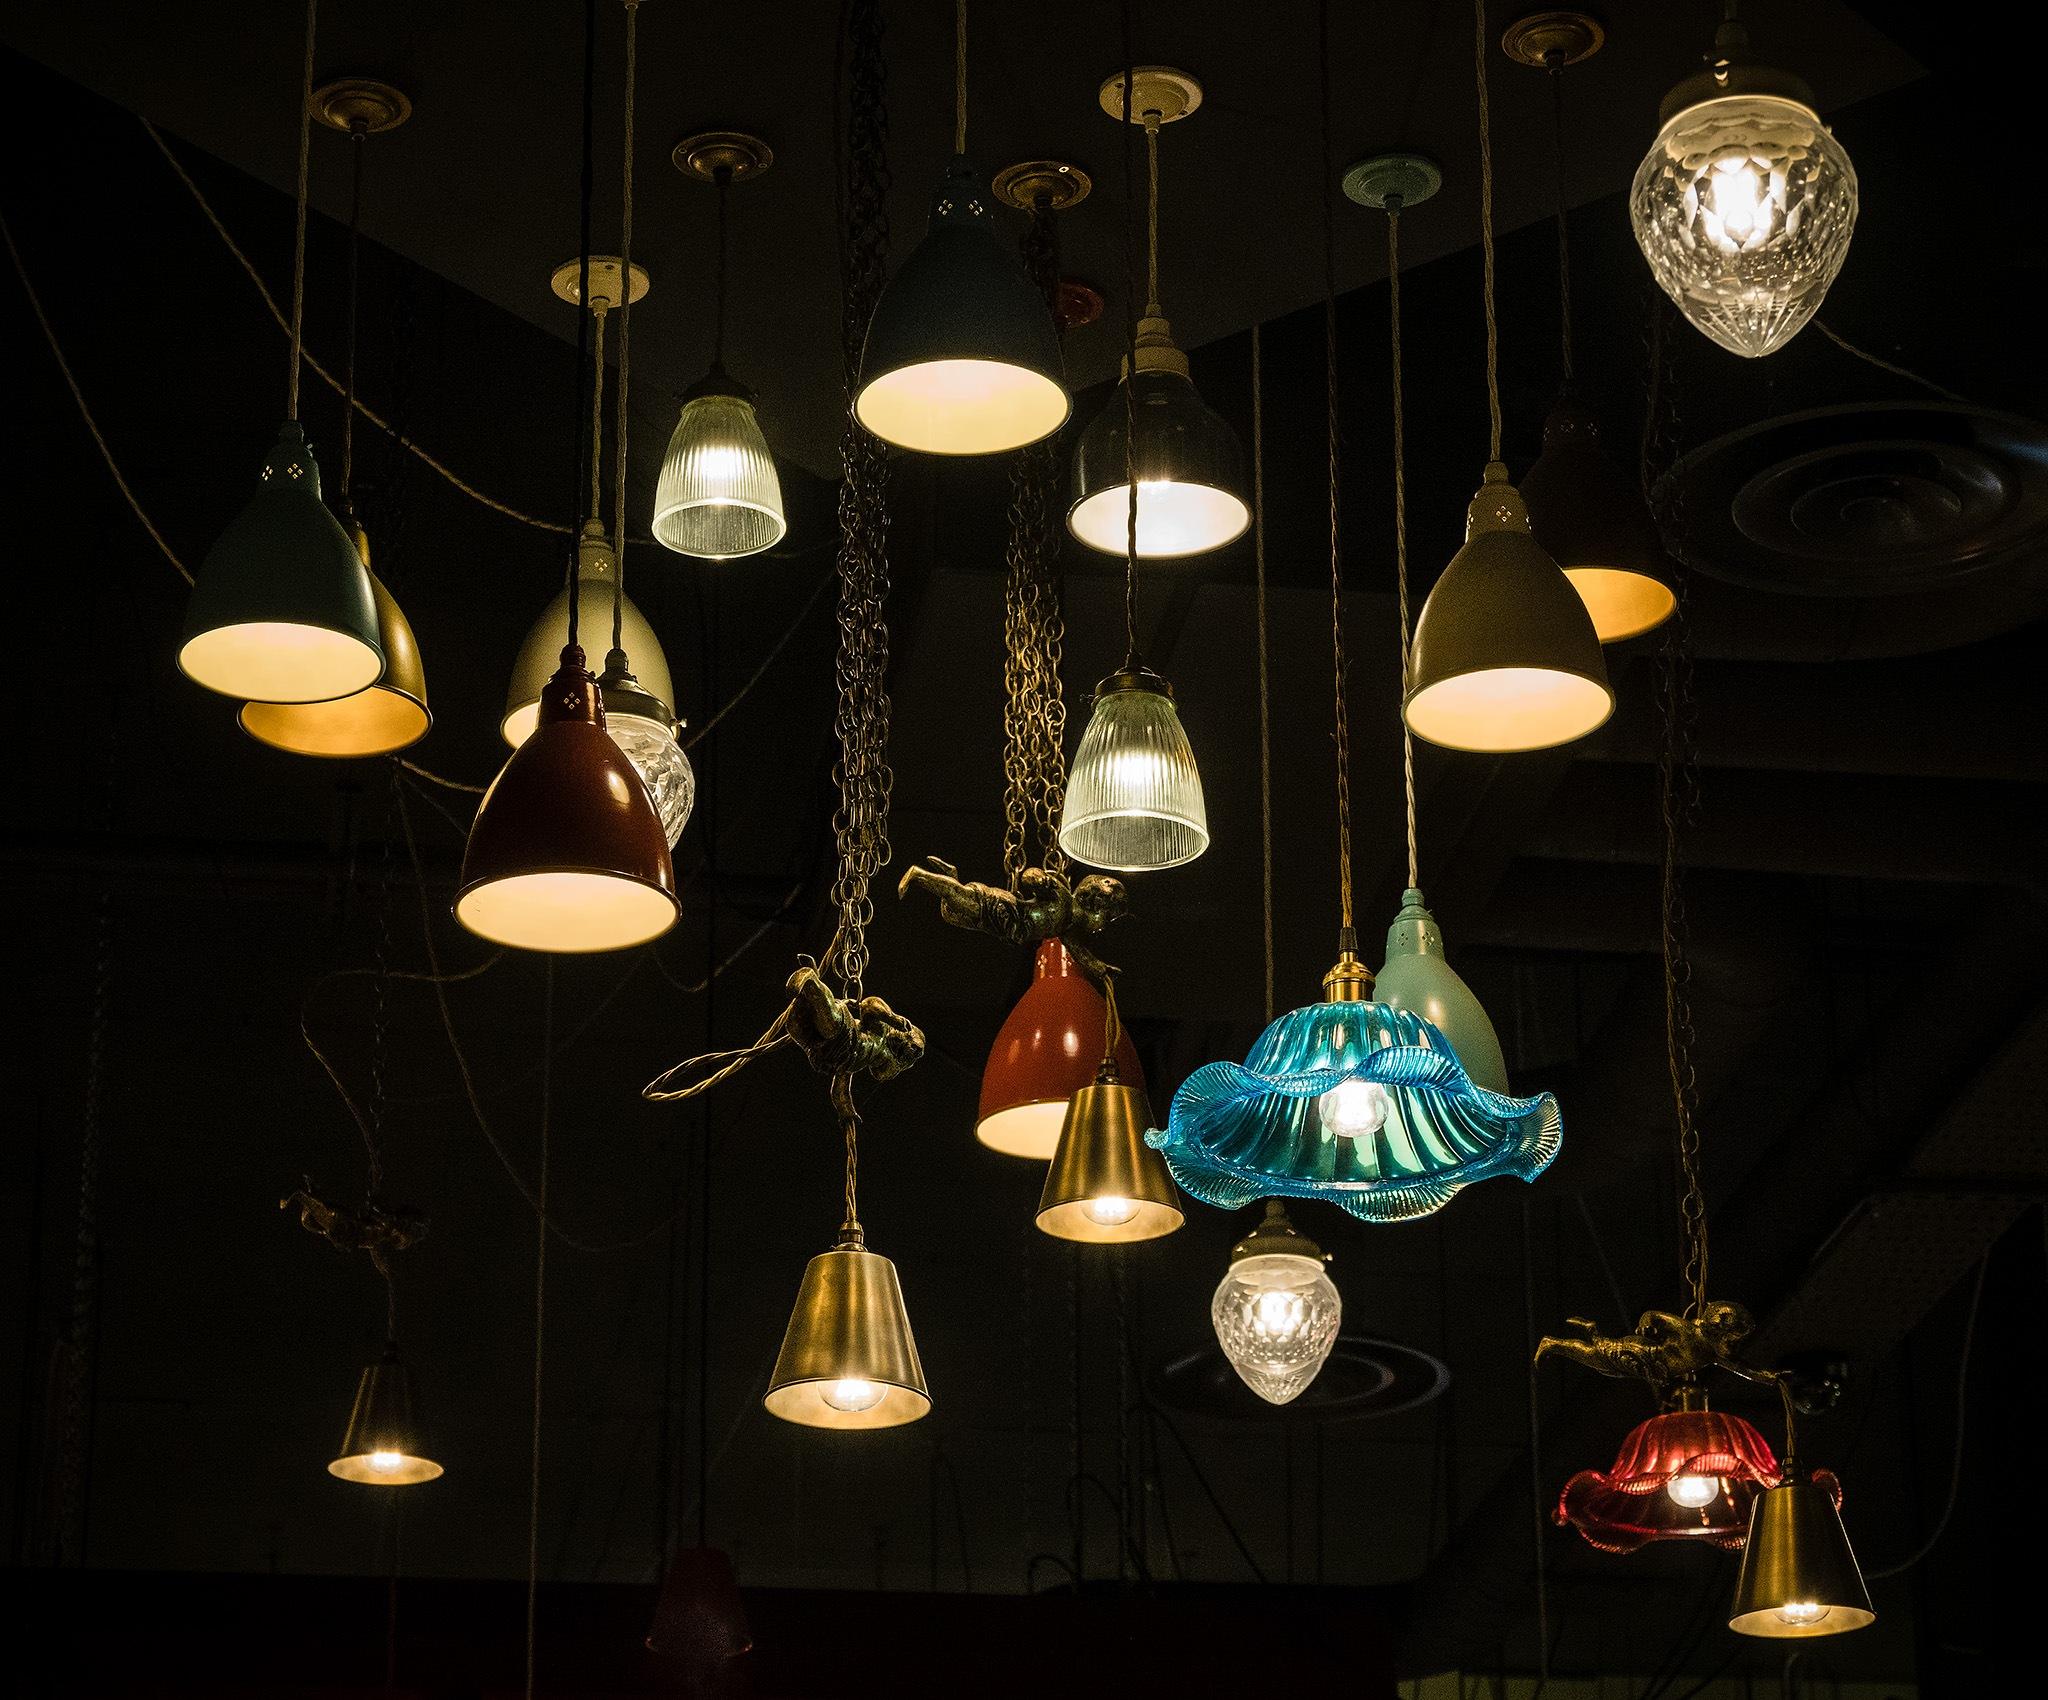 Lights by DavidNorfolk